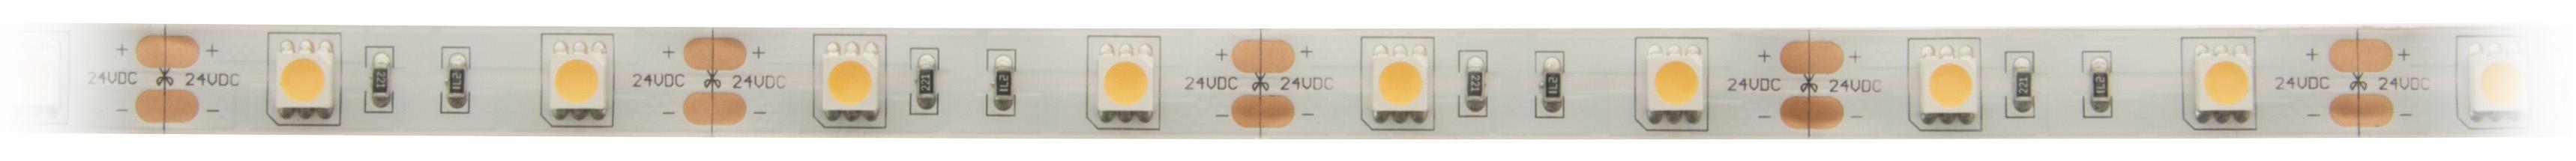 1 Stk Flexstrip 35 CLW Ra=90+, 7,7W/m, 547lm/m, 24VDC,IP44, l=5m LIFS015000